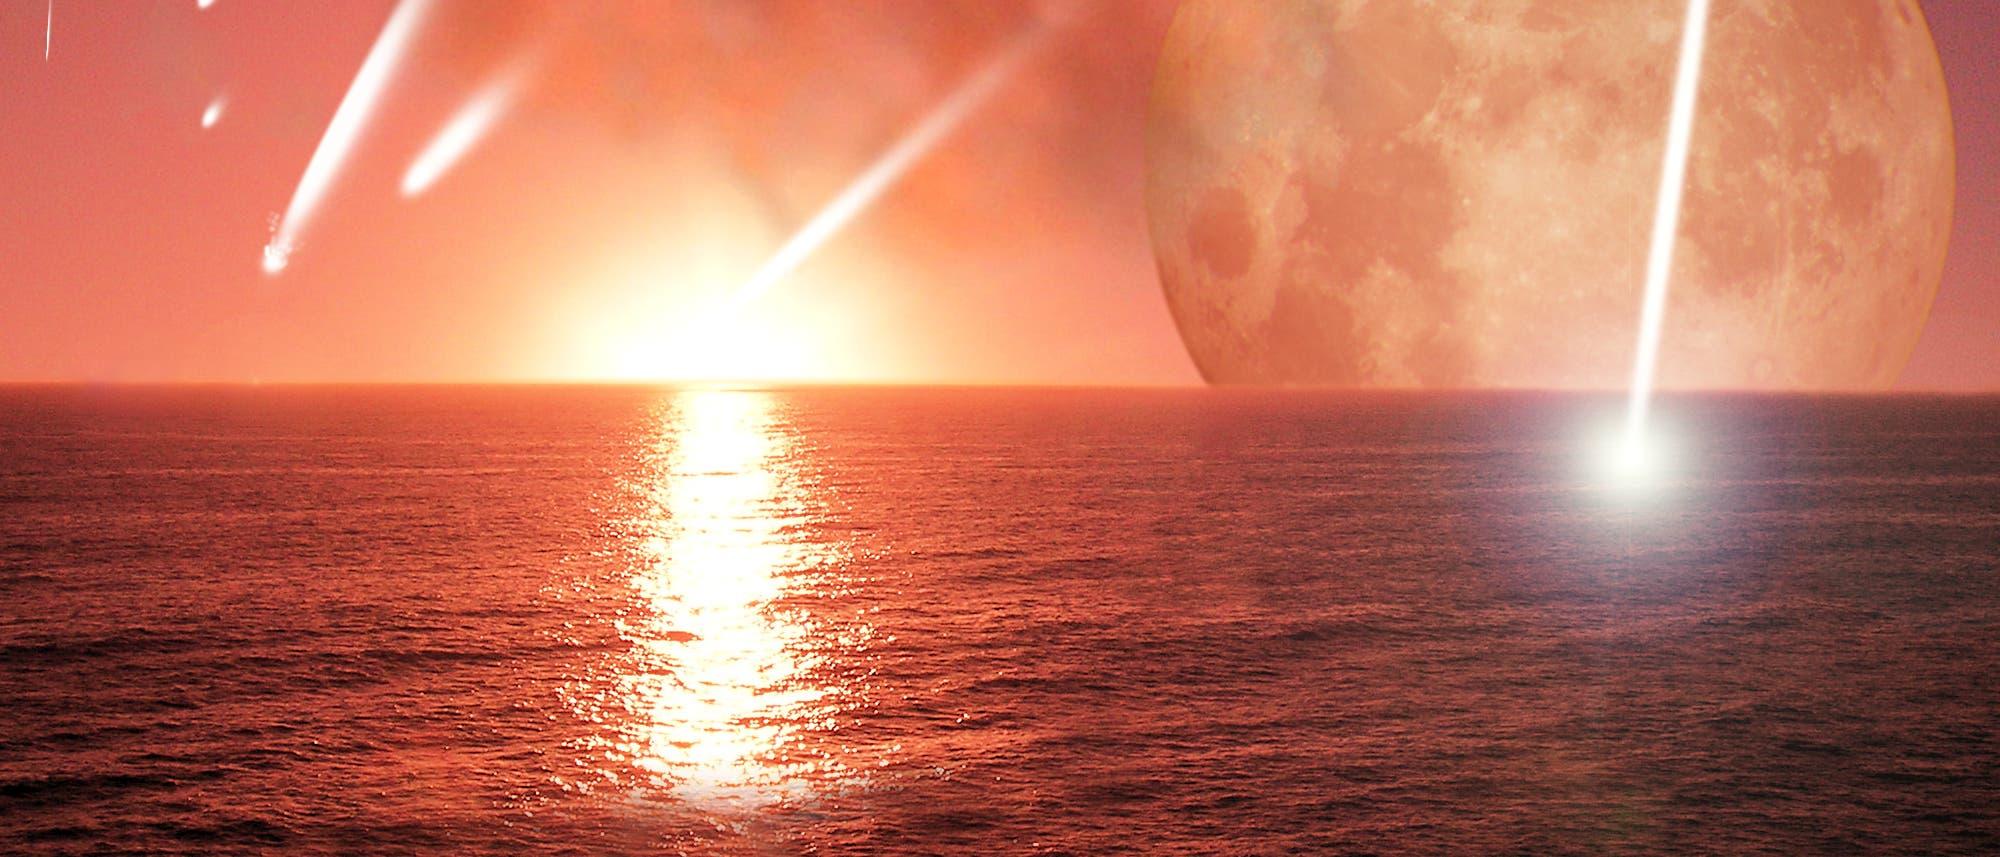 Einschläge auf der frühen Erde (Illustration)